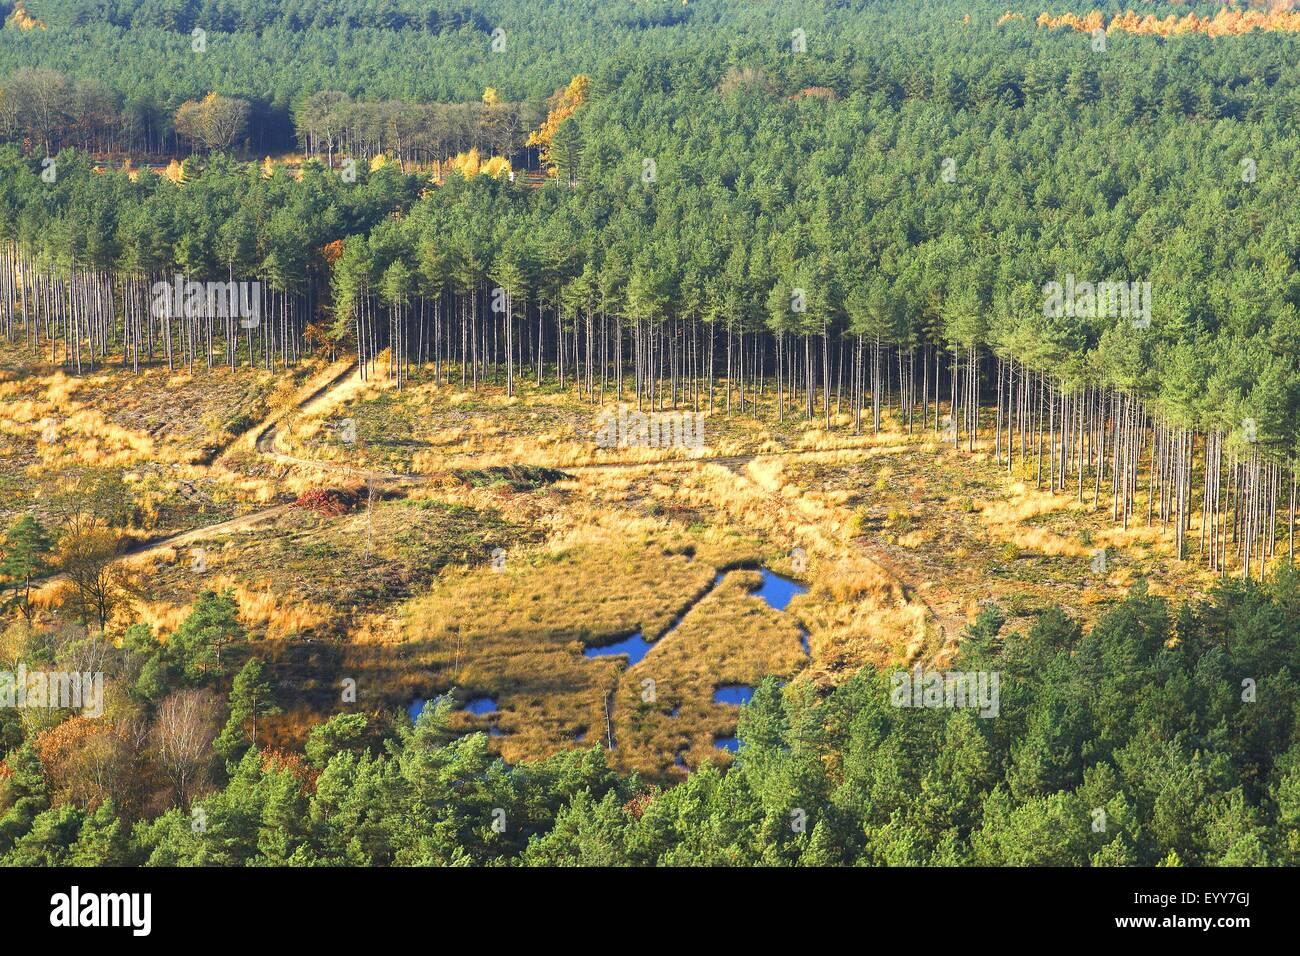 Luftbild zur Abholzung von Wald, Wald Transformation und Entwicklung von Heather mit Pool, Belgien Stockbild